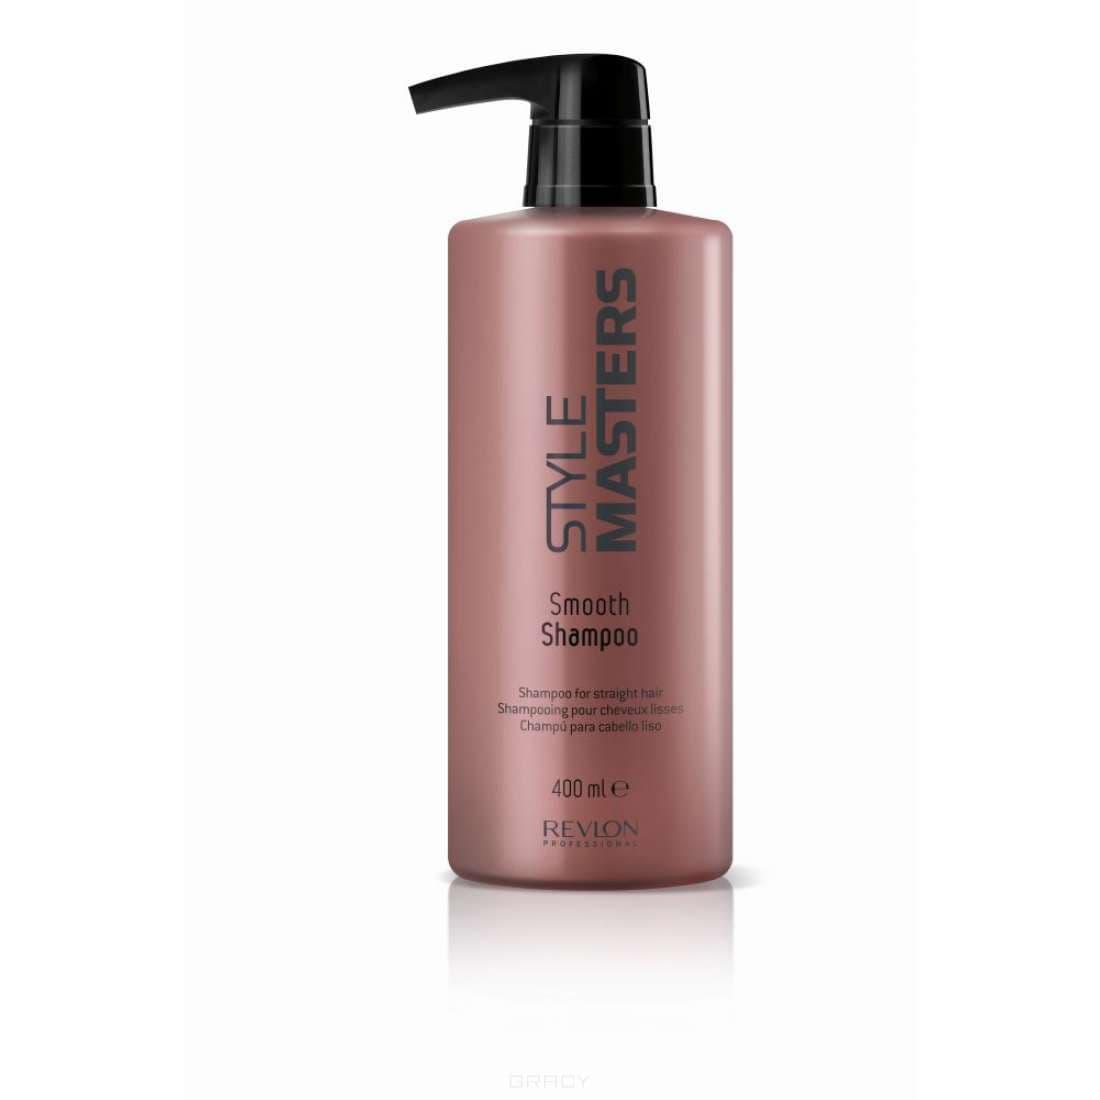 Шампунь для гладкости волос Style MastersRevlon Professional Style Masters Smooth Shampoo Шампунь для гладкости волос создан и разработан для активного и тщательного ухода за прямыми волосами. Данный продукт от компании Revlon Professional отлично способствует увлажнению волос, придавая им отличный объём и естественный натуральный блеск. Специальные активные компоненты, входящие в состав шампуня Ревлон Style Masters Smooth тщательно и надёжно защищают волосы от агрессивного воздействия окружающей среды и солнца, обеспечивают правильное питание волос и кожи головы, быстро устраняют такую проблему, как спутывание волос. Шампунь для гладкости волос Revlon Professional наделяет волосы здоровьем и дарит им гладкость, прекрасное сияние и жизненную энергию. Шампунь для гладкости волос Revlon Профессионал Style Masters быстро и легко справится с самыми непослушными и проблемными волосами.<br>